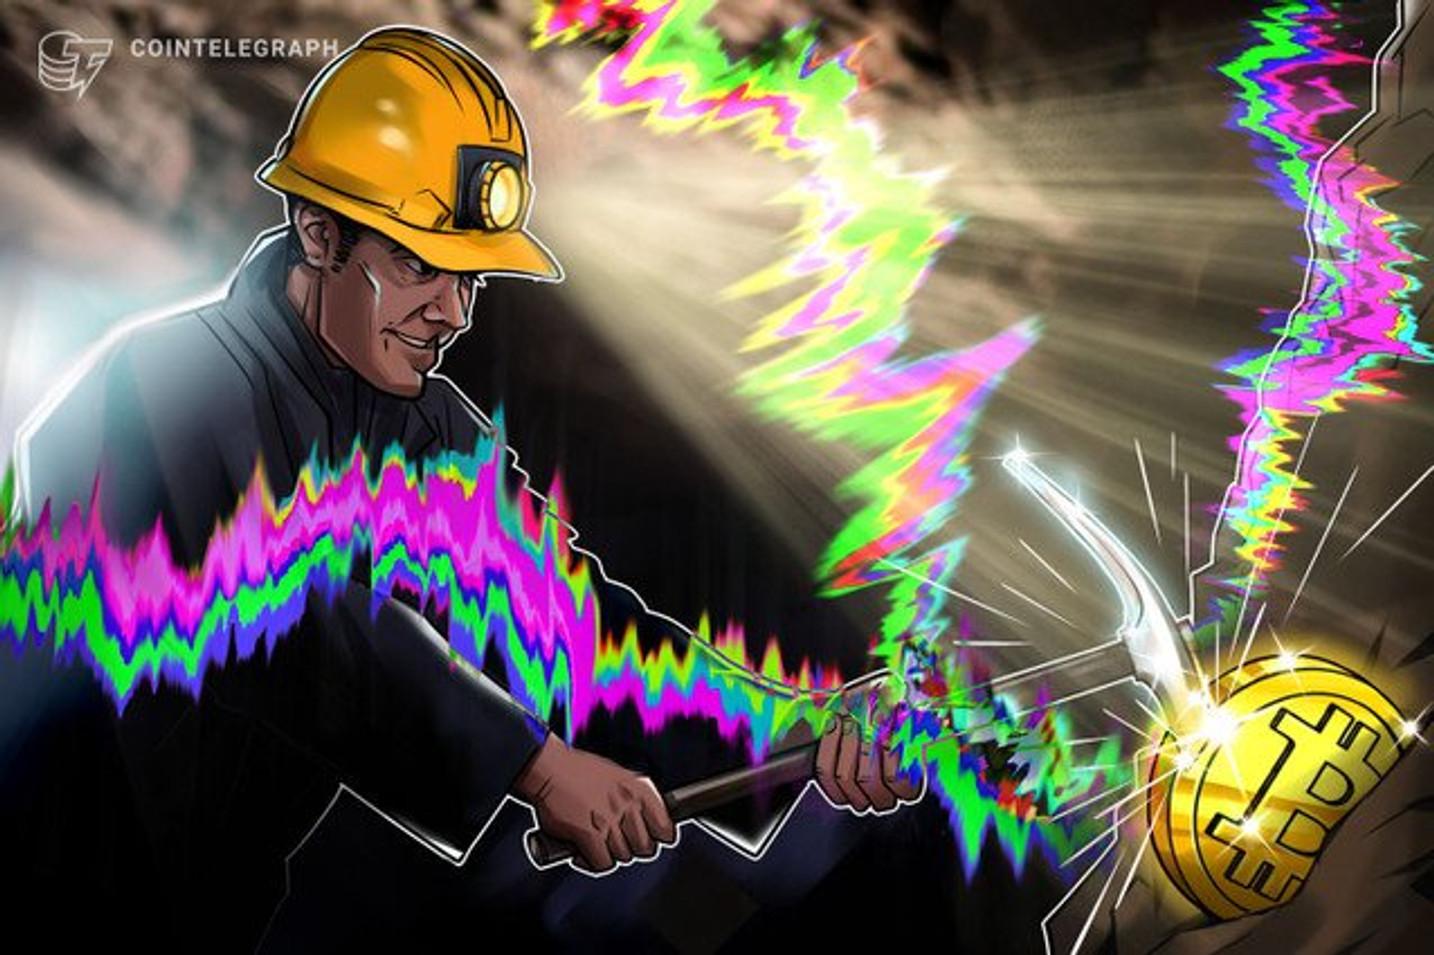 仮想通貨ビットコイン、価格と採掘難易度の関係は?「短期的には相場の重石に」 相場復調にはさらなる調整も